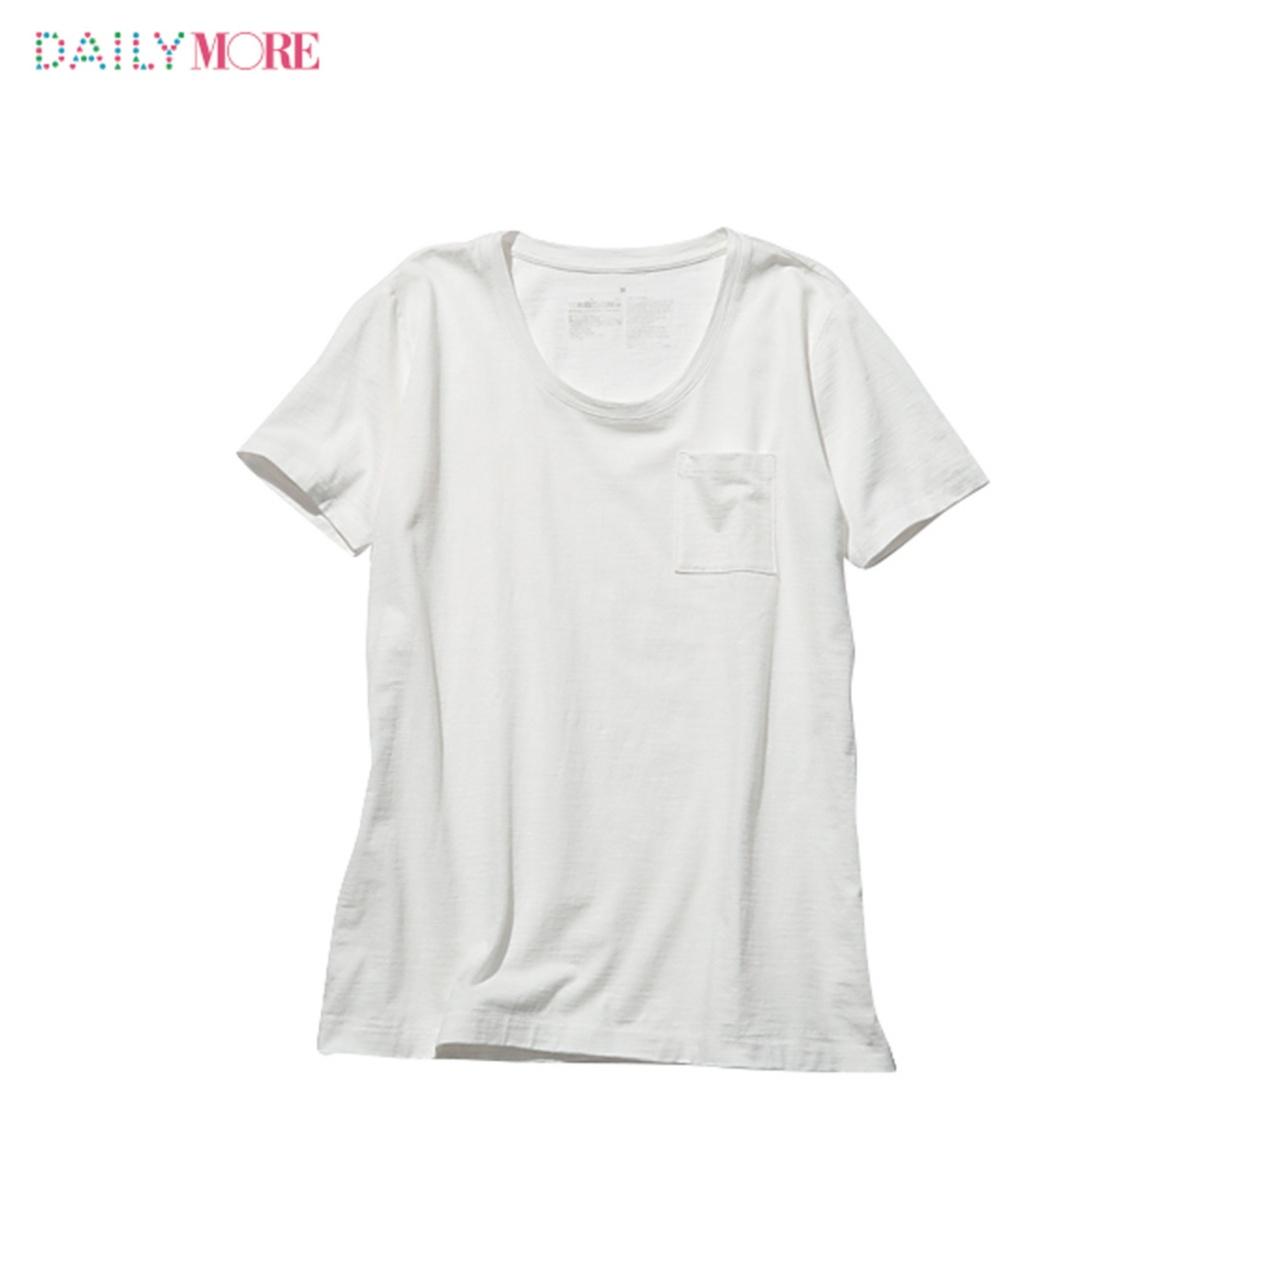 シルエットも素材もこだわりまくりの4タイプ!!【無印良品】の白Tシャツのここがスゴイ!_2_4